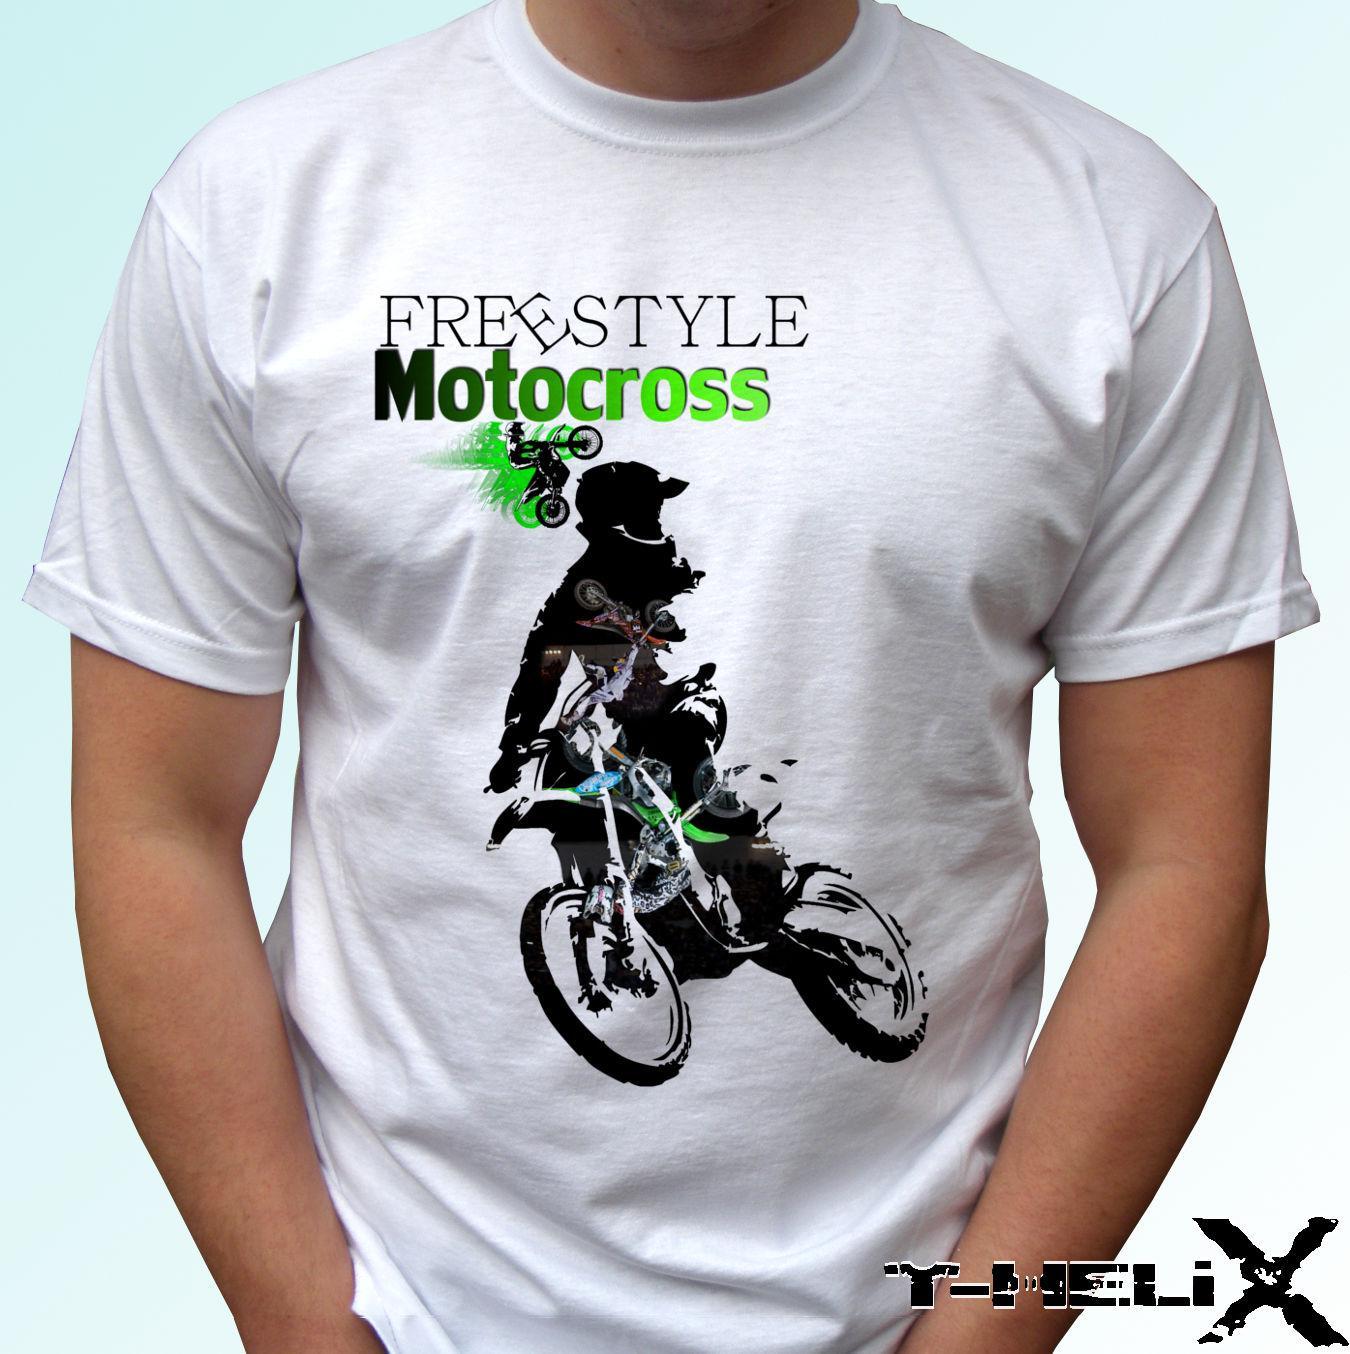 6c0eb7b9d Compre Freestyle Motocross Camiseta Blanca Top Sport Design Para Hombres  Mujeres Niños Bebés Cool Casual Pride Camiseta Hombres Unisex Nuevo A   13.91 Del ...